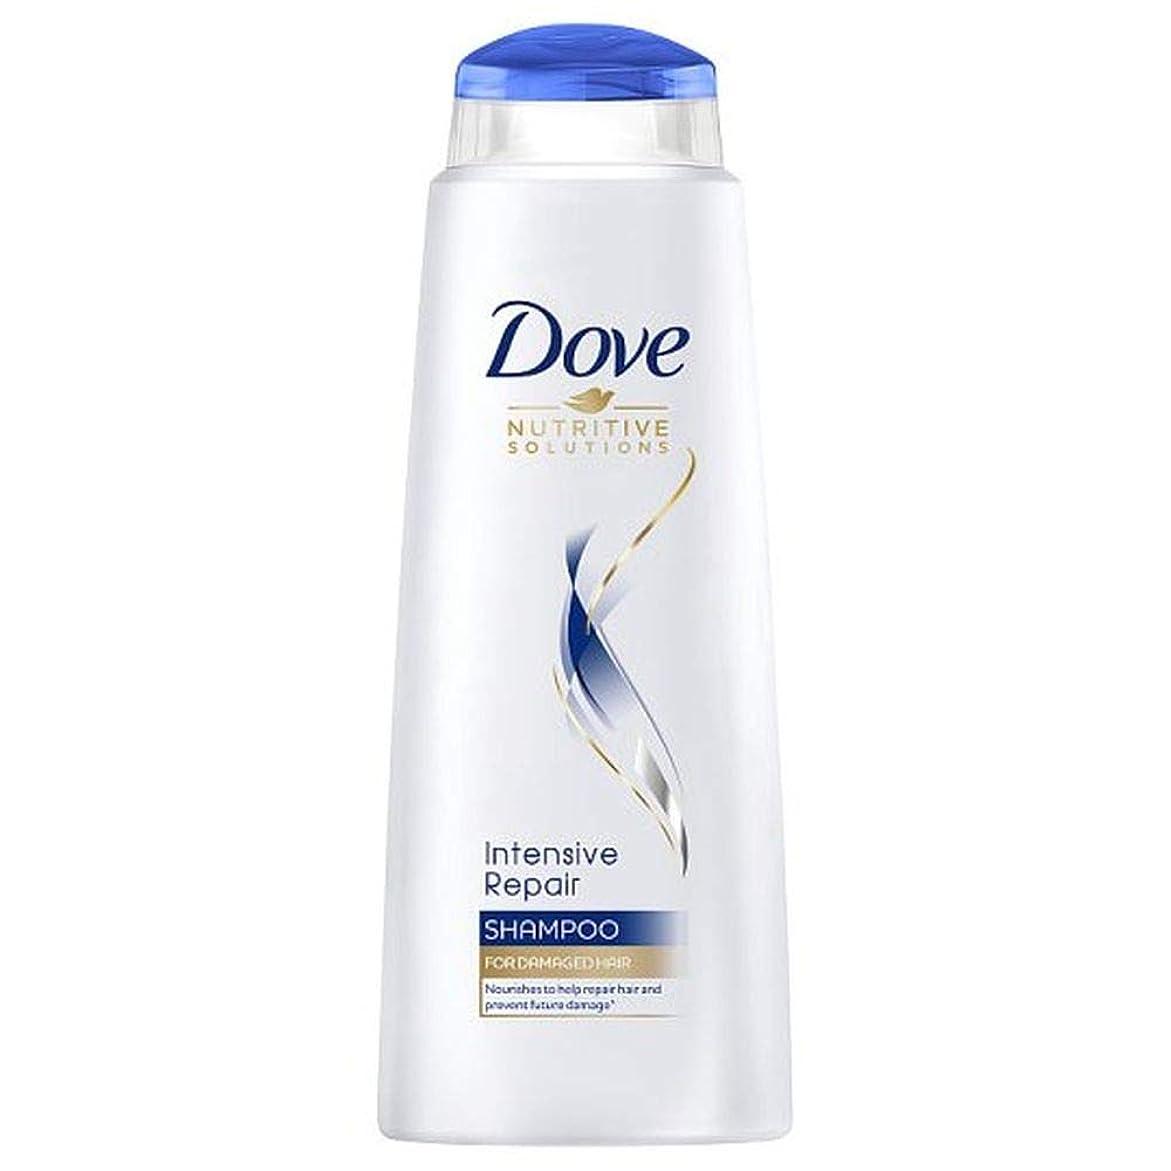 窓結婚原点[Dove ] 鳩の集中リペアシャンプー400ミリリットル - Dove Intensive Repair Shampoo 400Ml [並行輸入品]